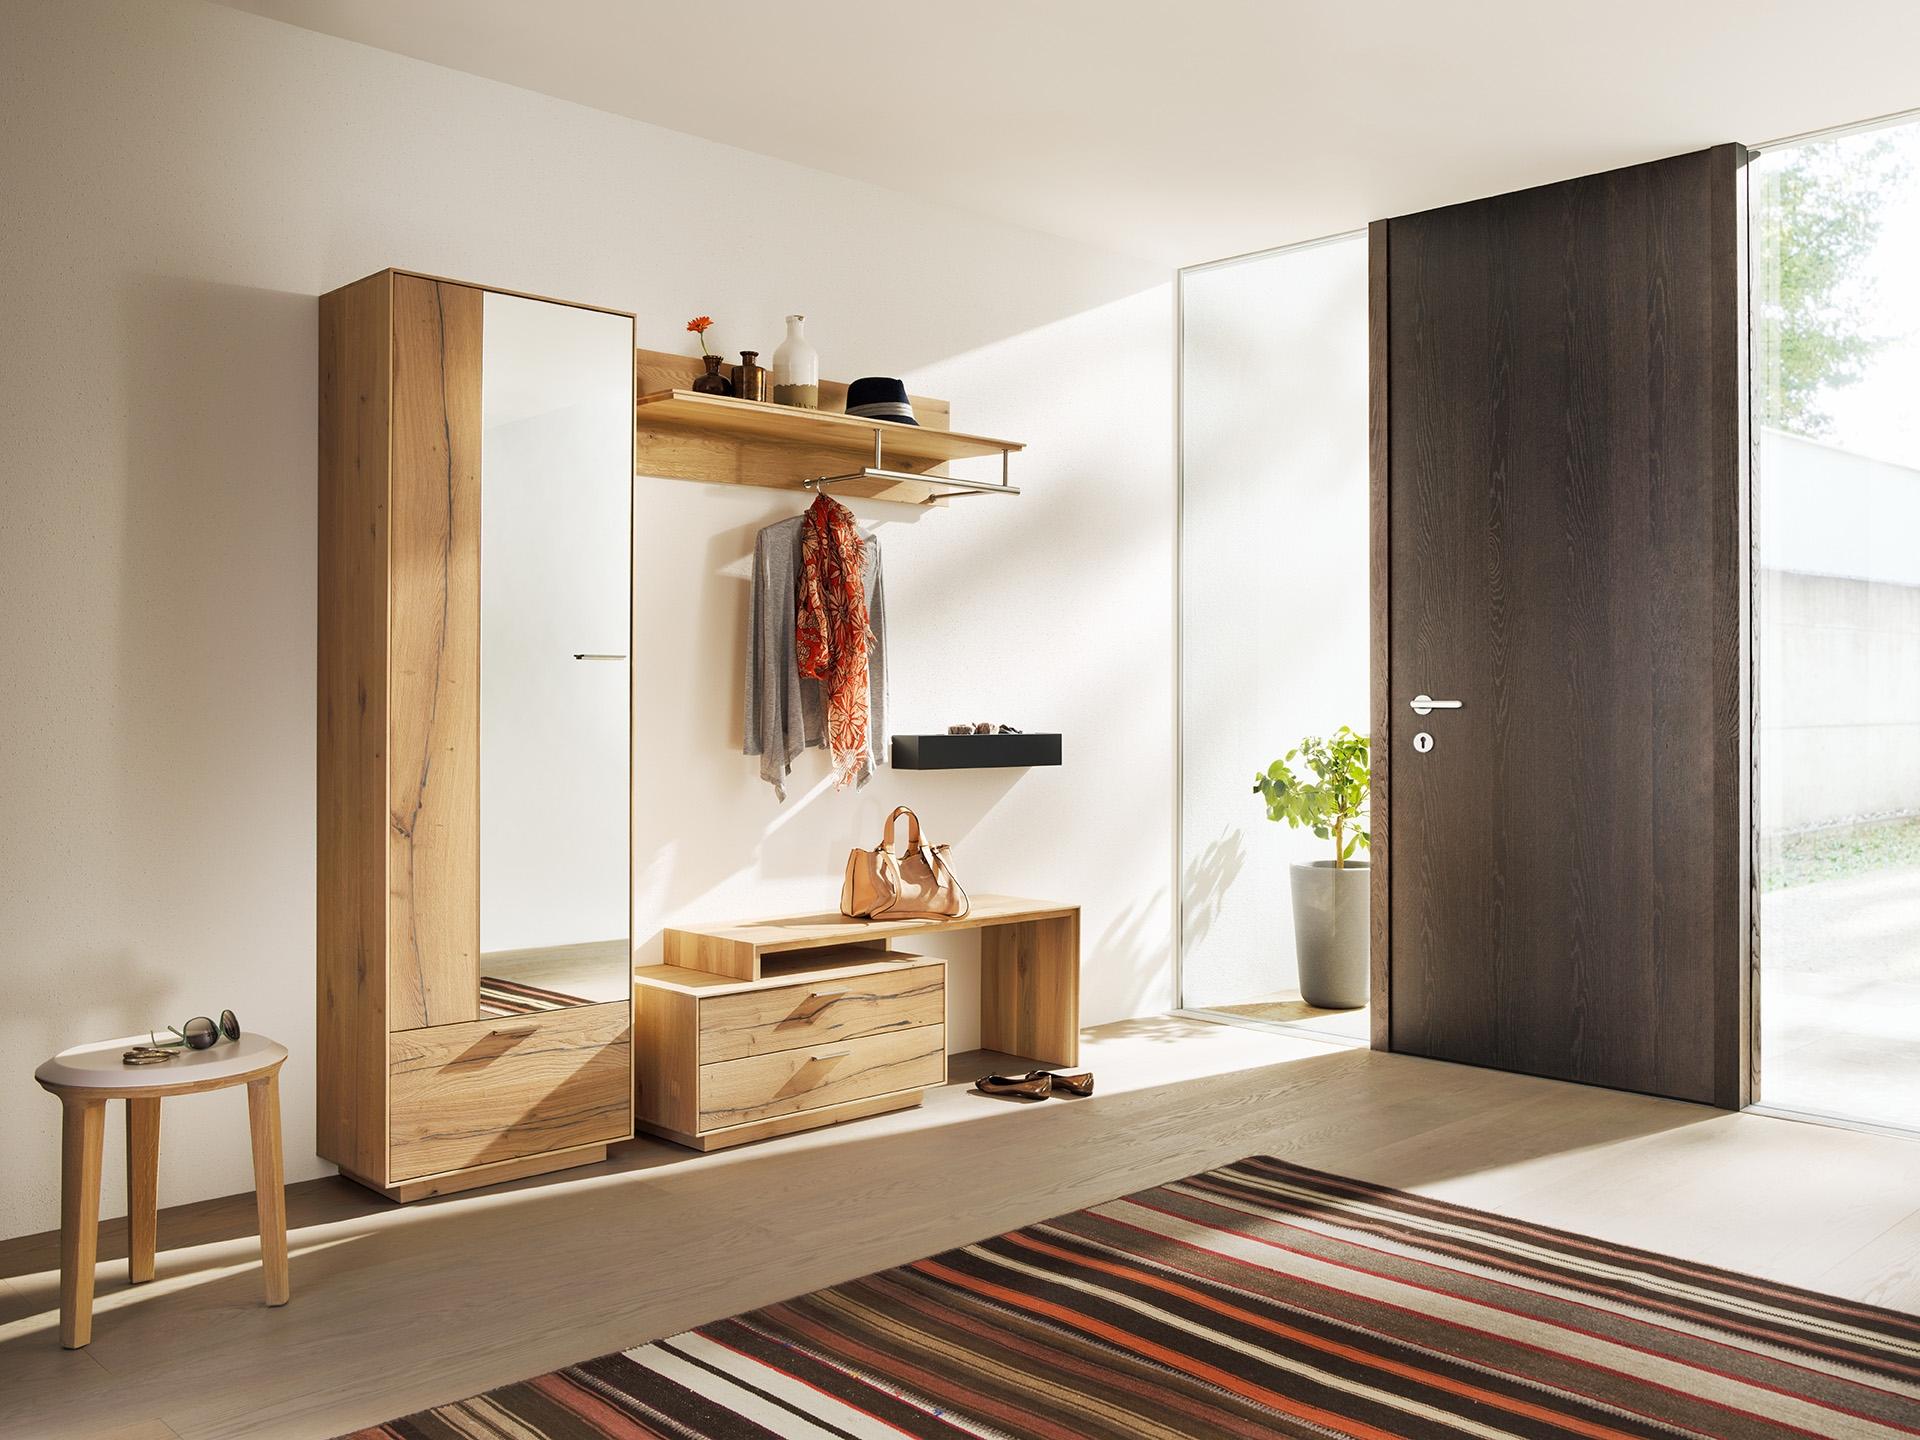 Vorzimmer einrichtung kaufen bei jowi m bel for Garderobe platzsparend